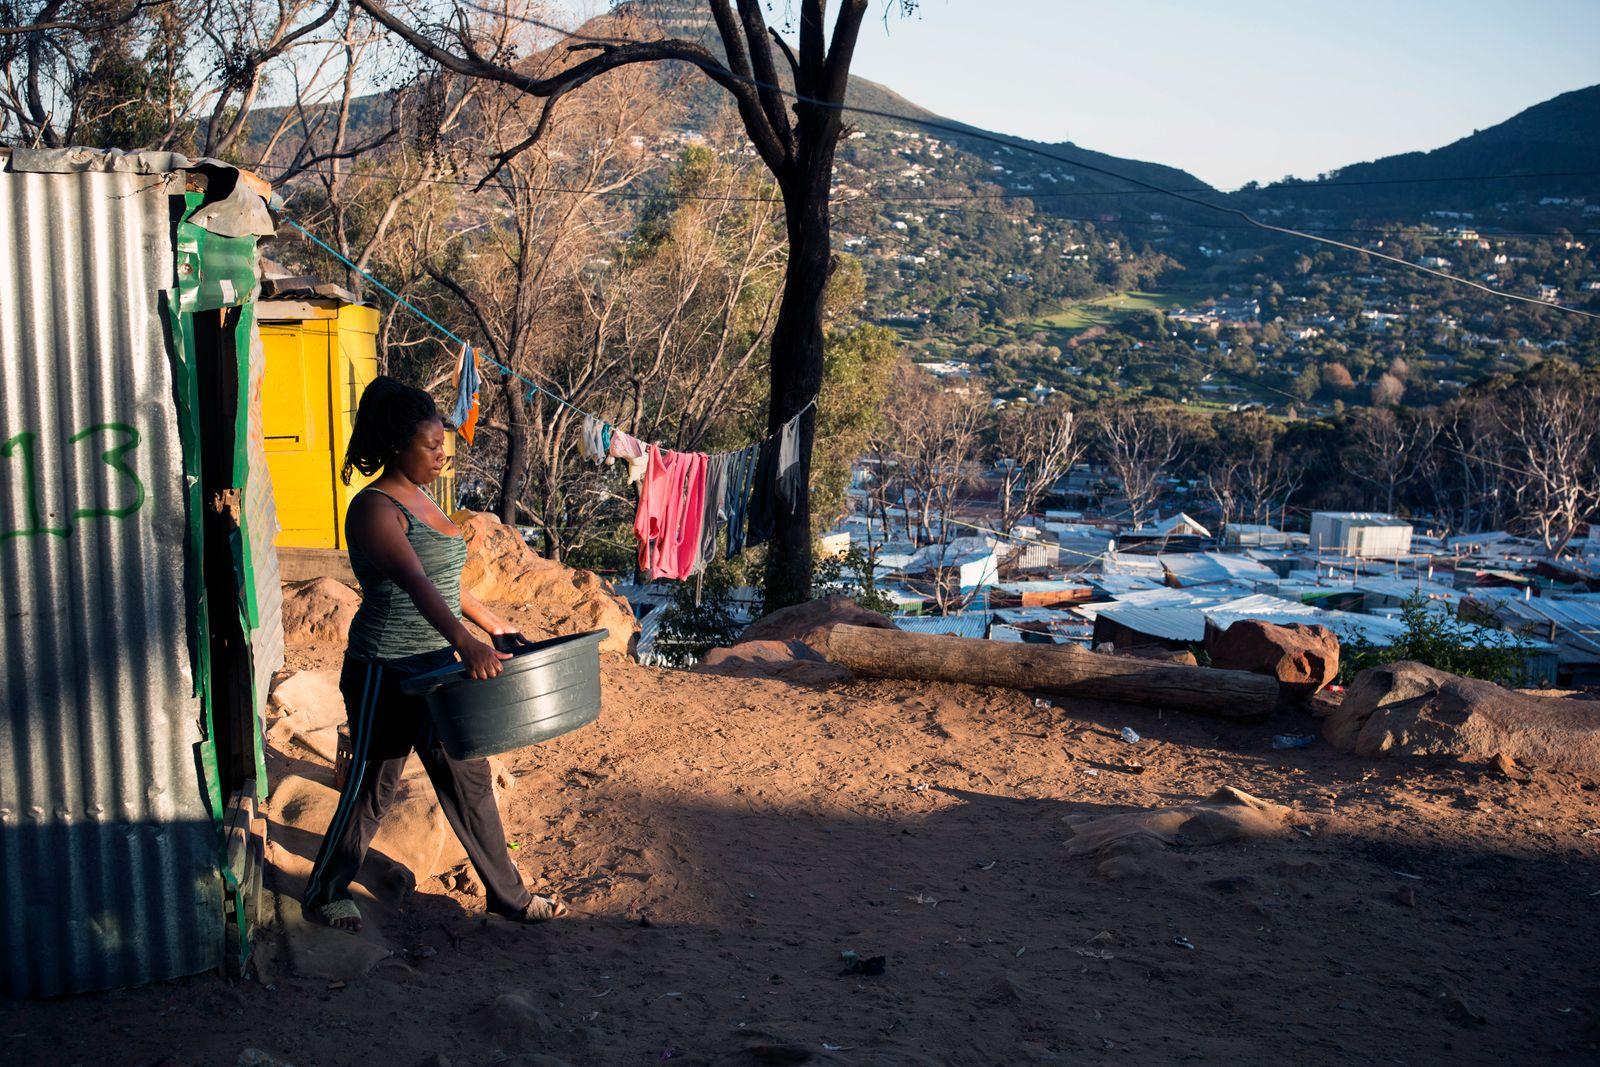 Imizamo Yethu township in Hout Bay, South Africa